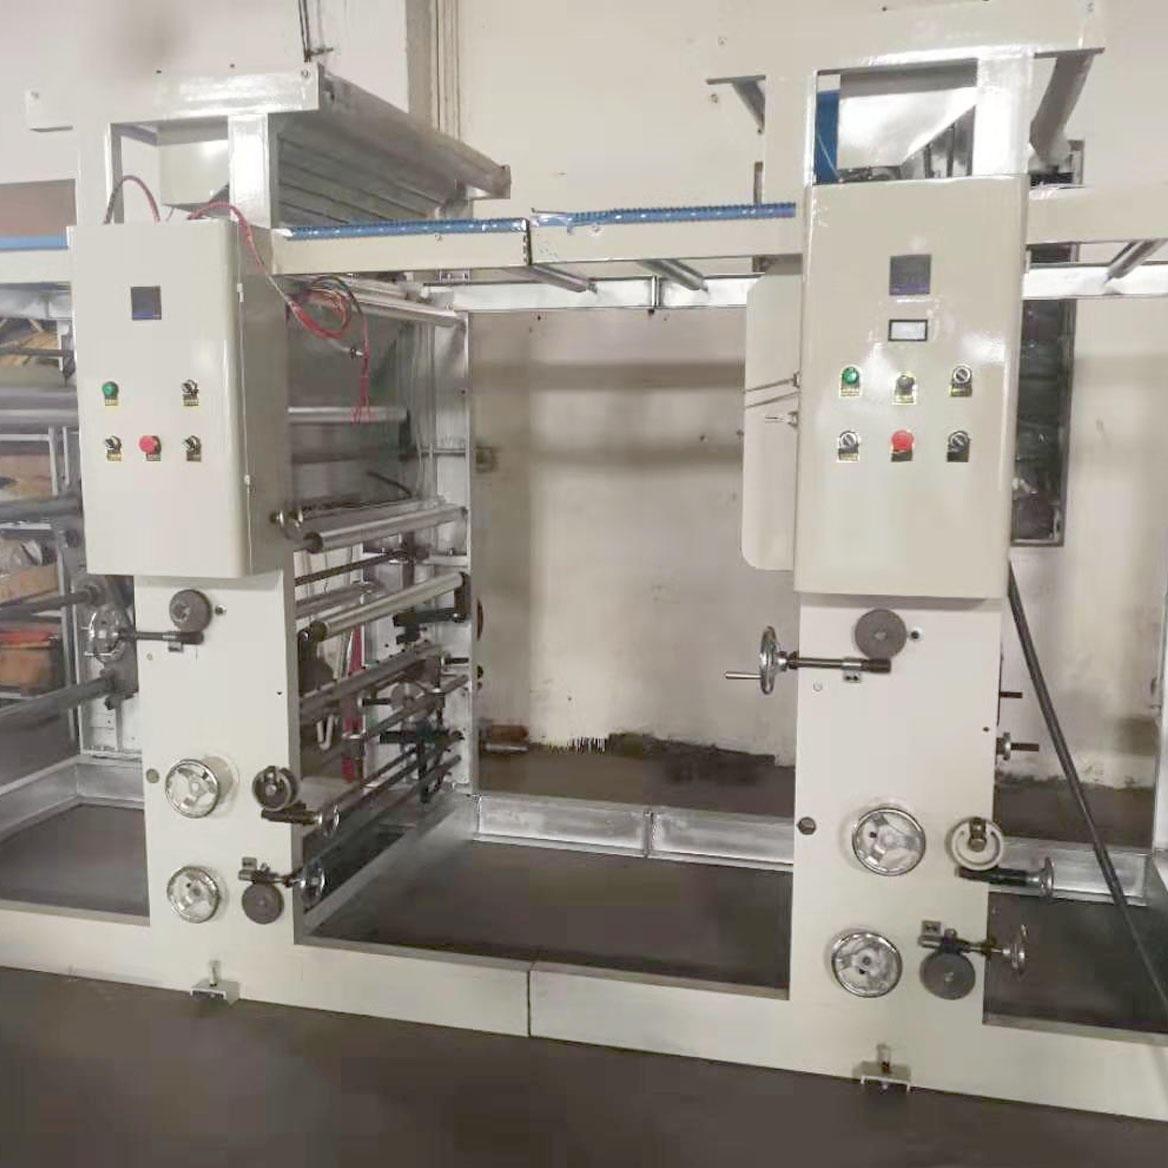 厂家直销凹版印刷机 OPP薄膜PE薄膜高速印刷设备 单色两色肆色多可以定制图片